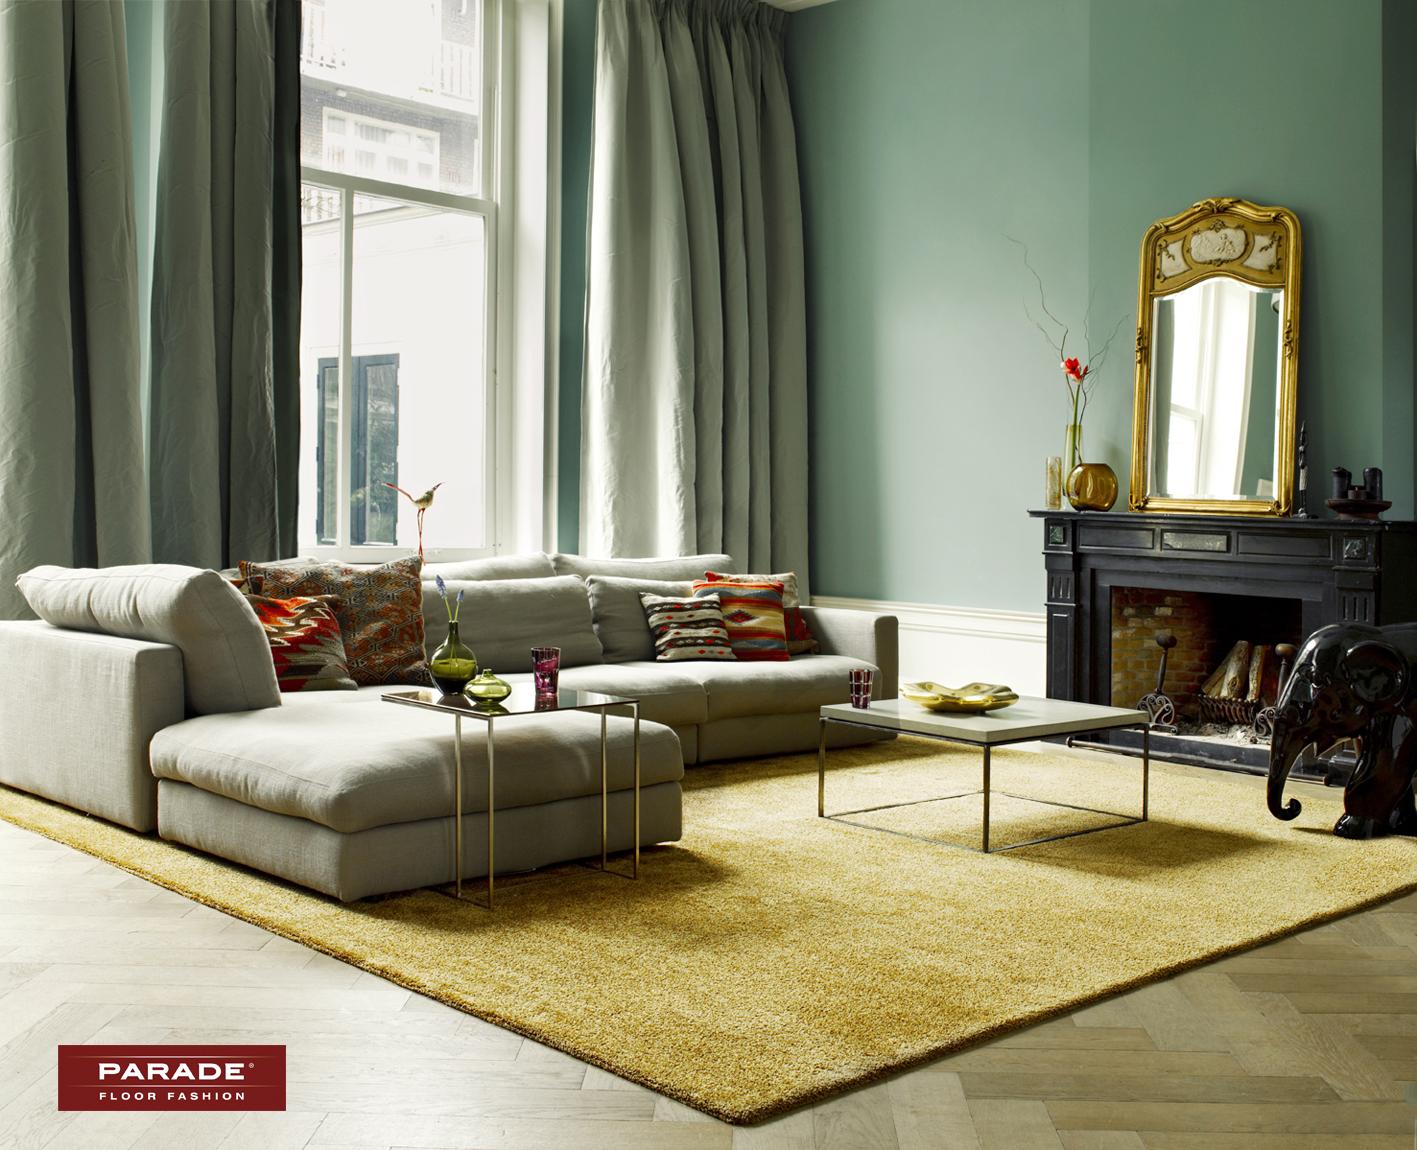 Vloerkleden eindhoven vloerkleed op maat for Vloerkleed woonkamer